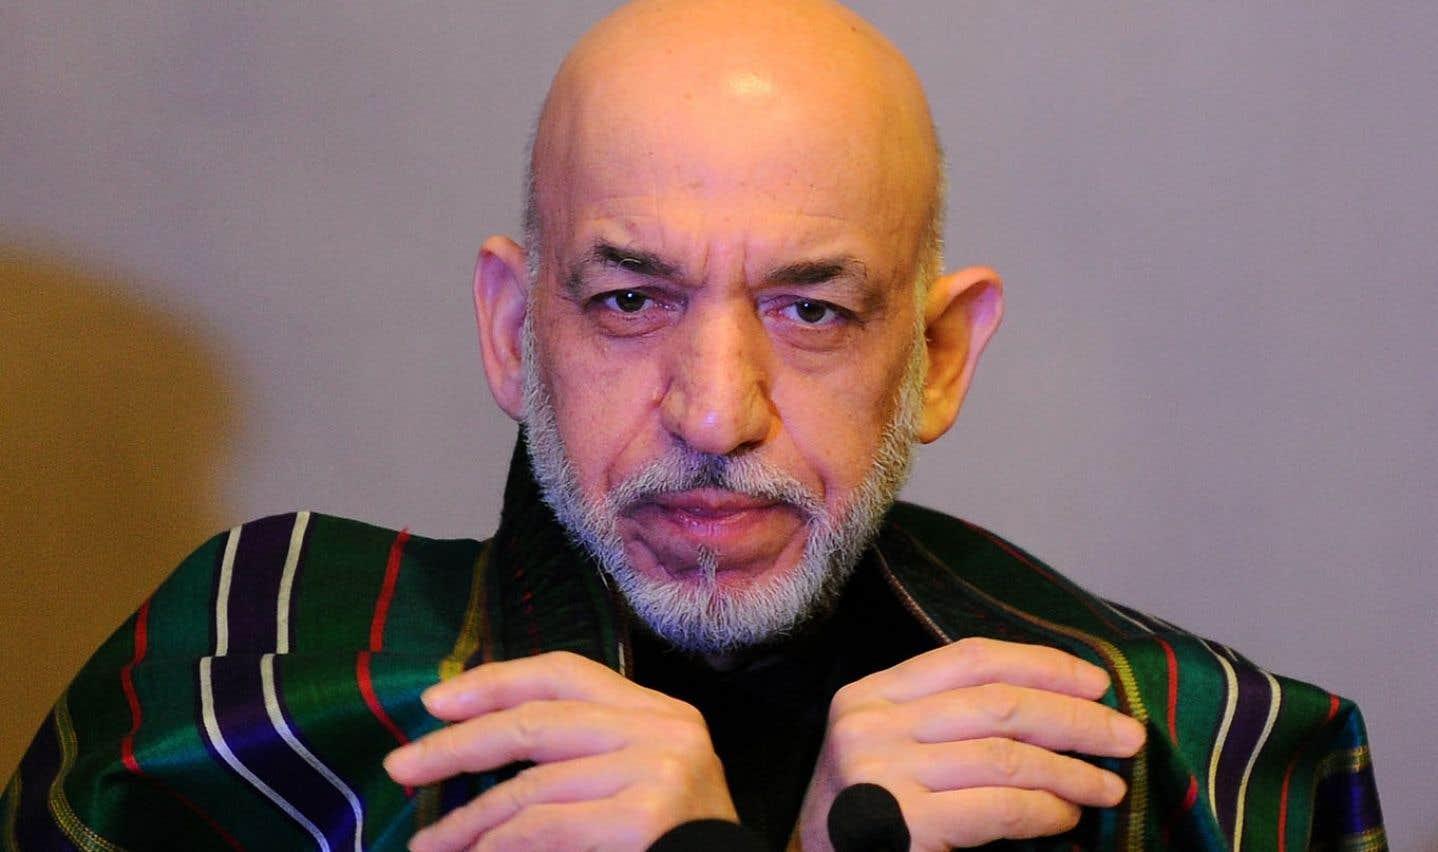 Hamid Karzaï n'en a plus pour longtemps à la tête de l'Afghanistan, ayant achevé les deux mandats de cinq ans qu'un président a le droit d'effectuer.